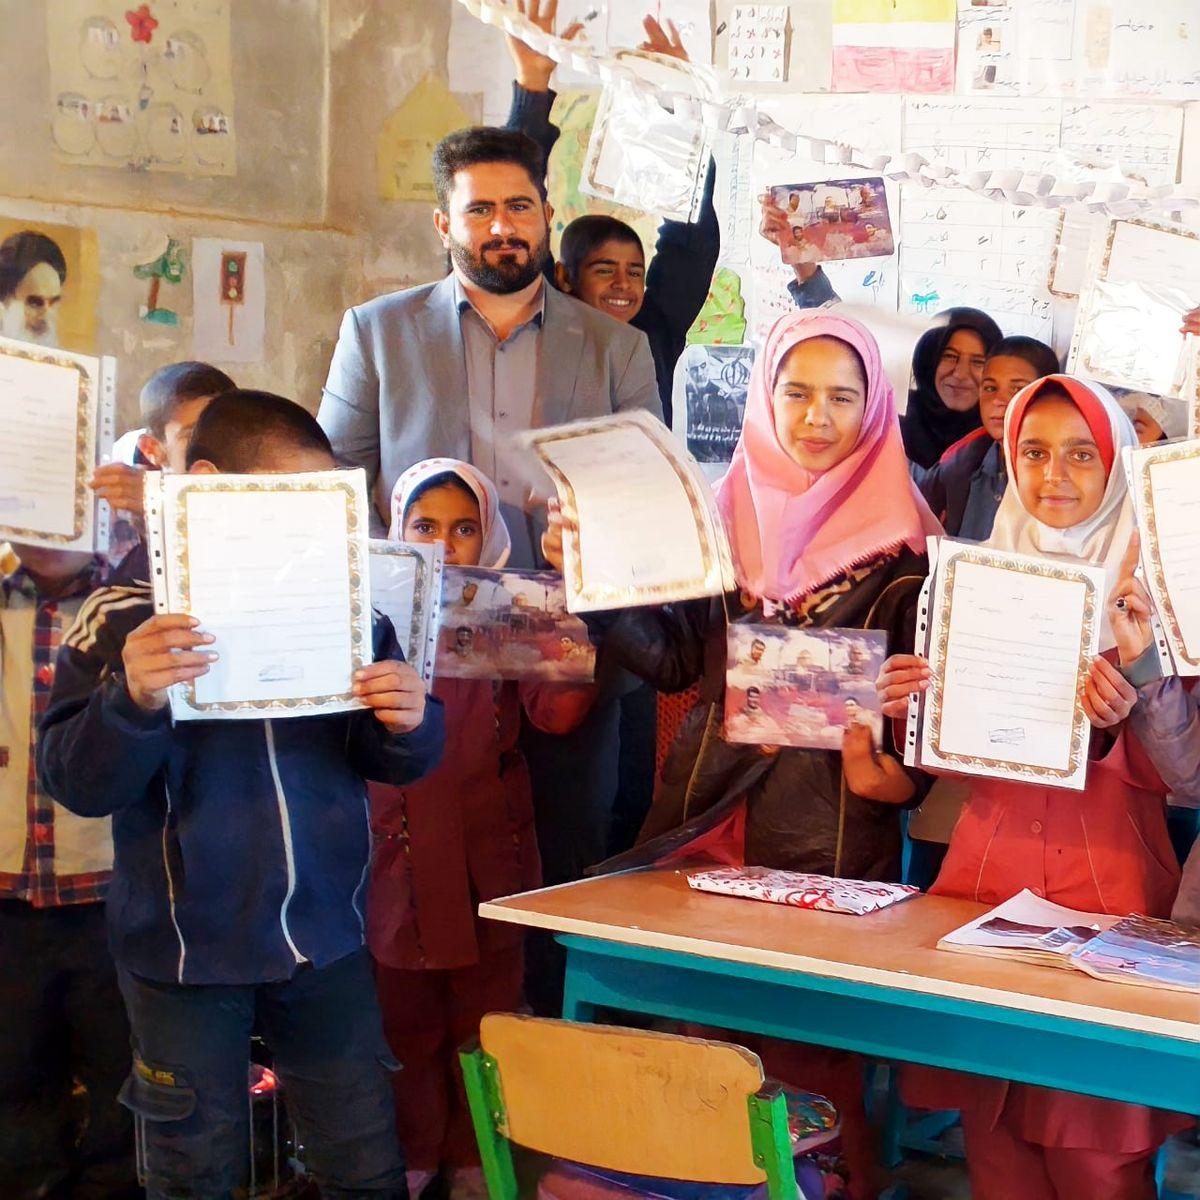 معلم مناطق محروم ایران با این حرکتش جهانی شد + کلیپ